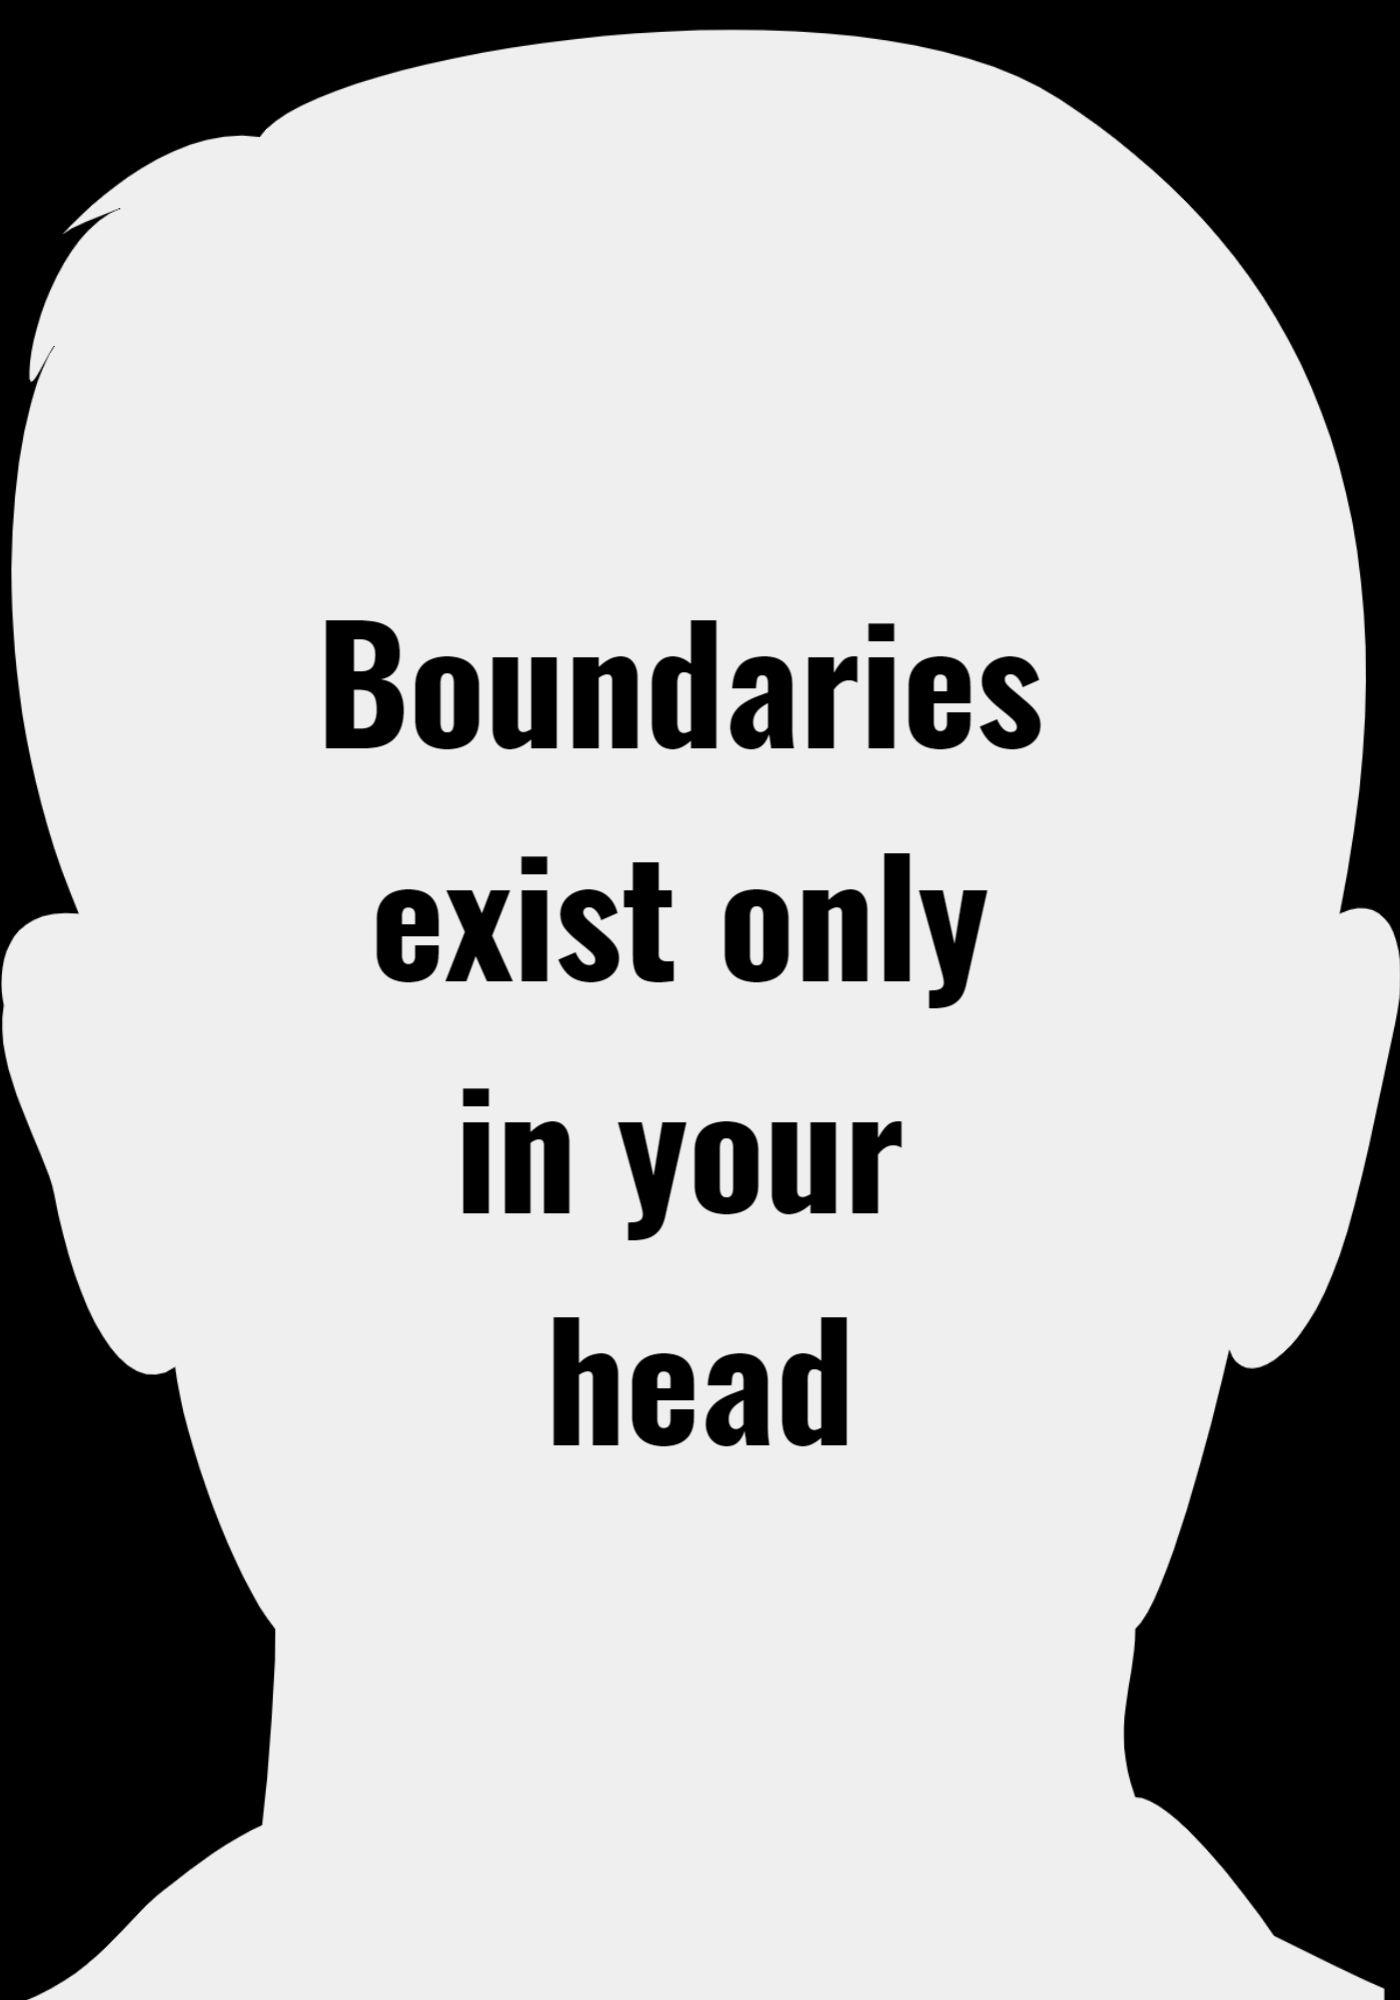 Boundaries Poster Design